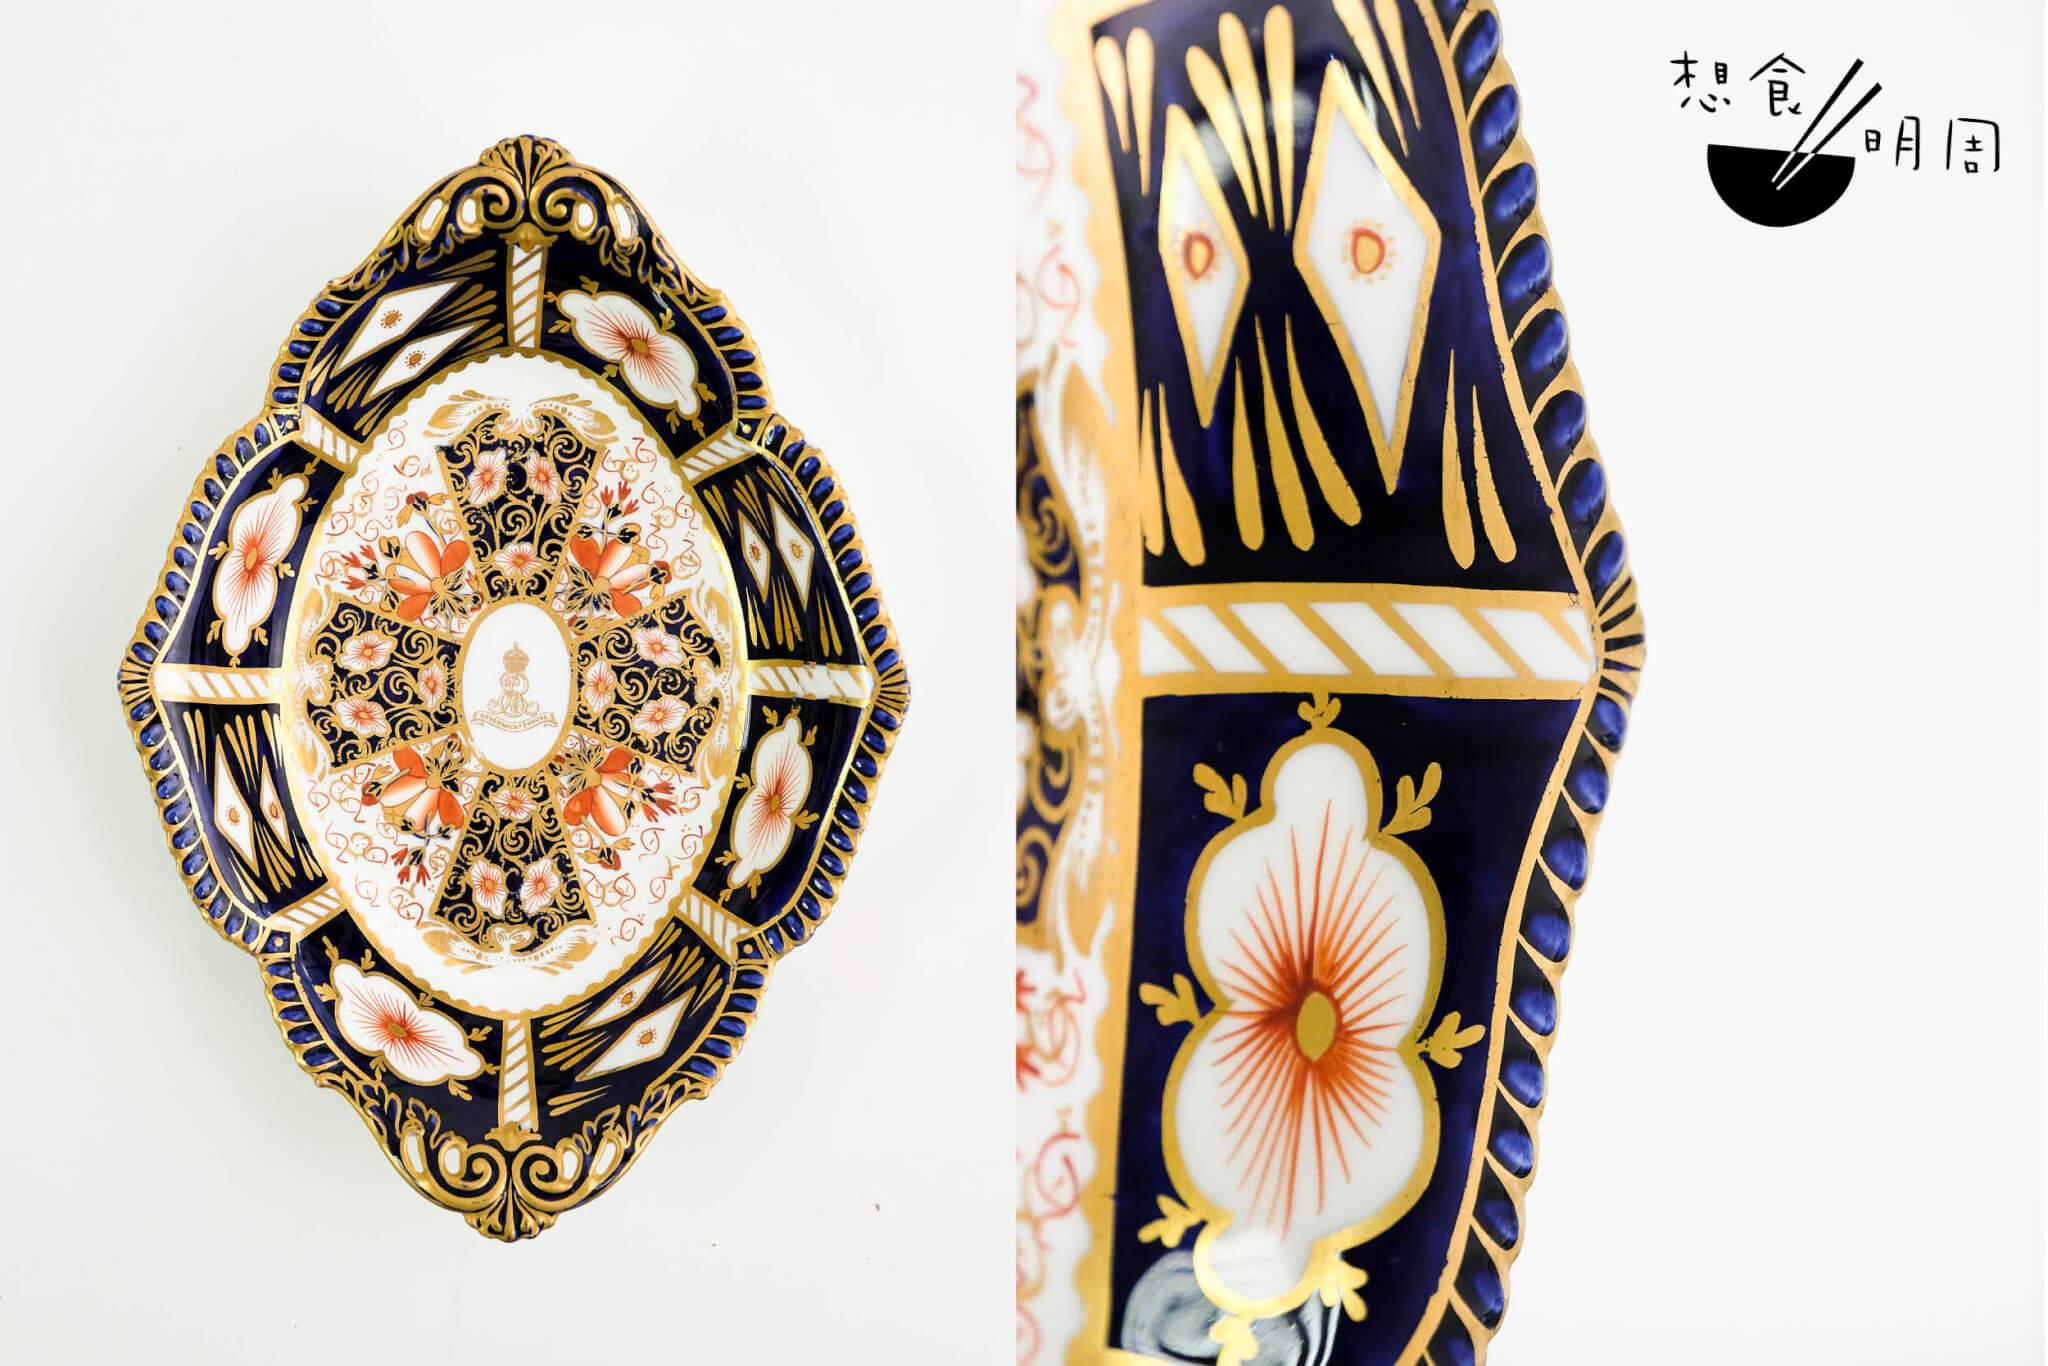 戰前總督府器具 // 碟中徽號ER VII代表此碟為英皇愛德華七世(1841-1910)的產物。在十九世紀末、二十世紀初,歐洲人偏愛日本瓷器,於是在本土模仿伊萬里紋飾製作,同時套入富西方味道的金漆飾邊及線條,是頗為特別的變奏。